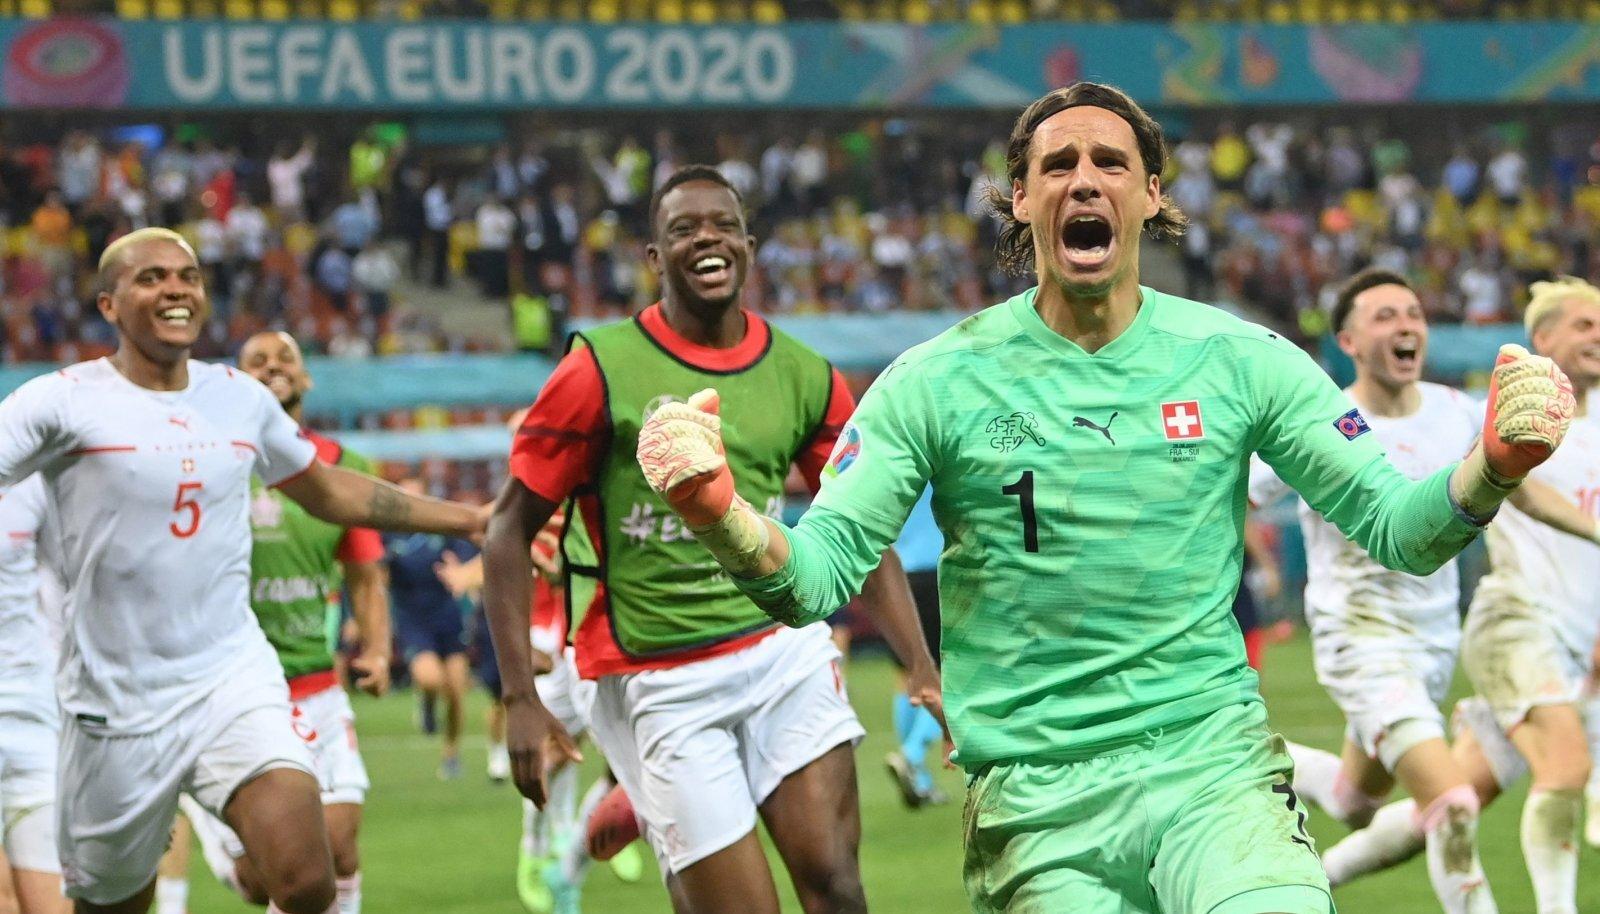 Šveits võitis pärast 67 aasta pikkust pausi suurturniiril play-off'i kohtumise.